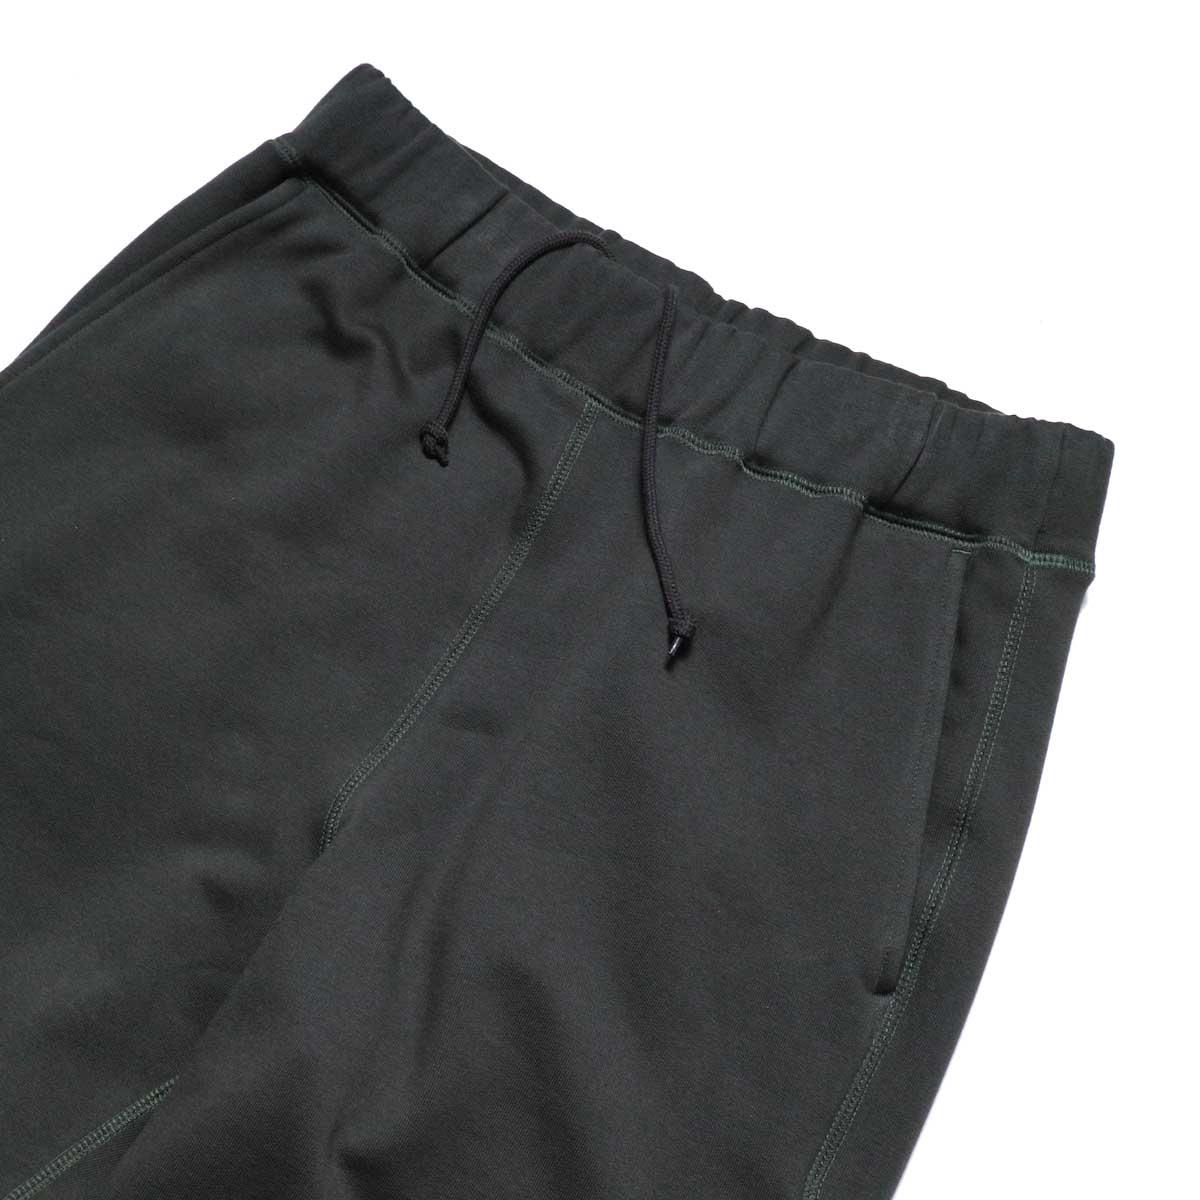 N.HOOLYWOOD / 27RCH-013 Track Pants (Charcoala)ウエスト